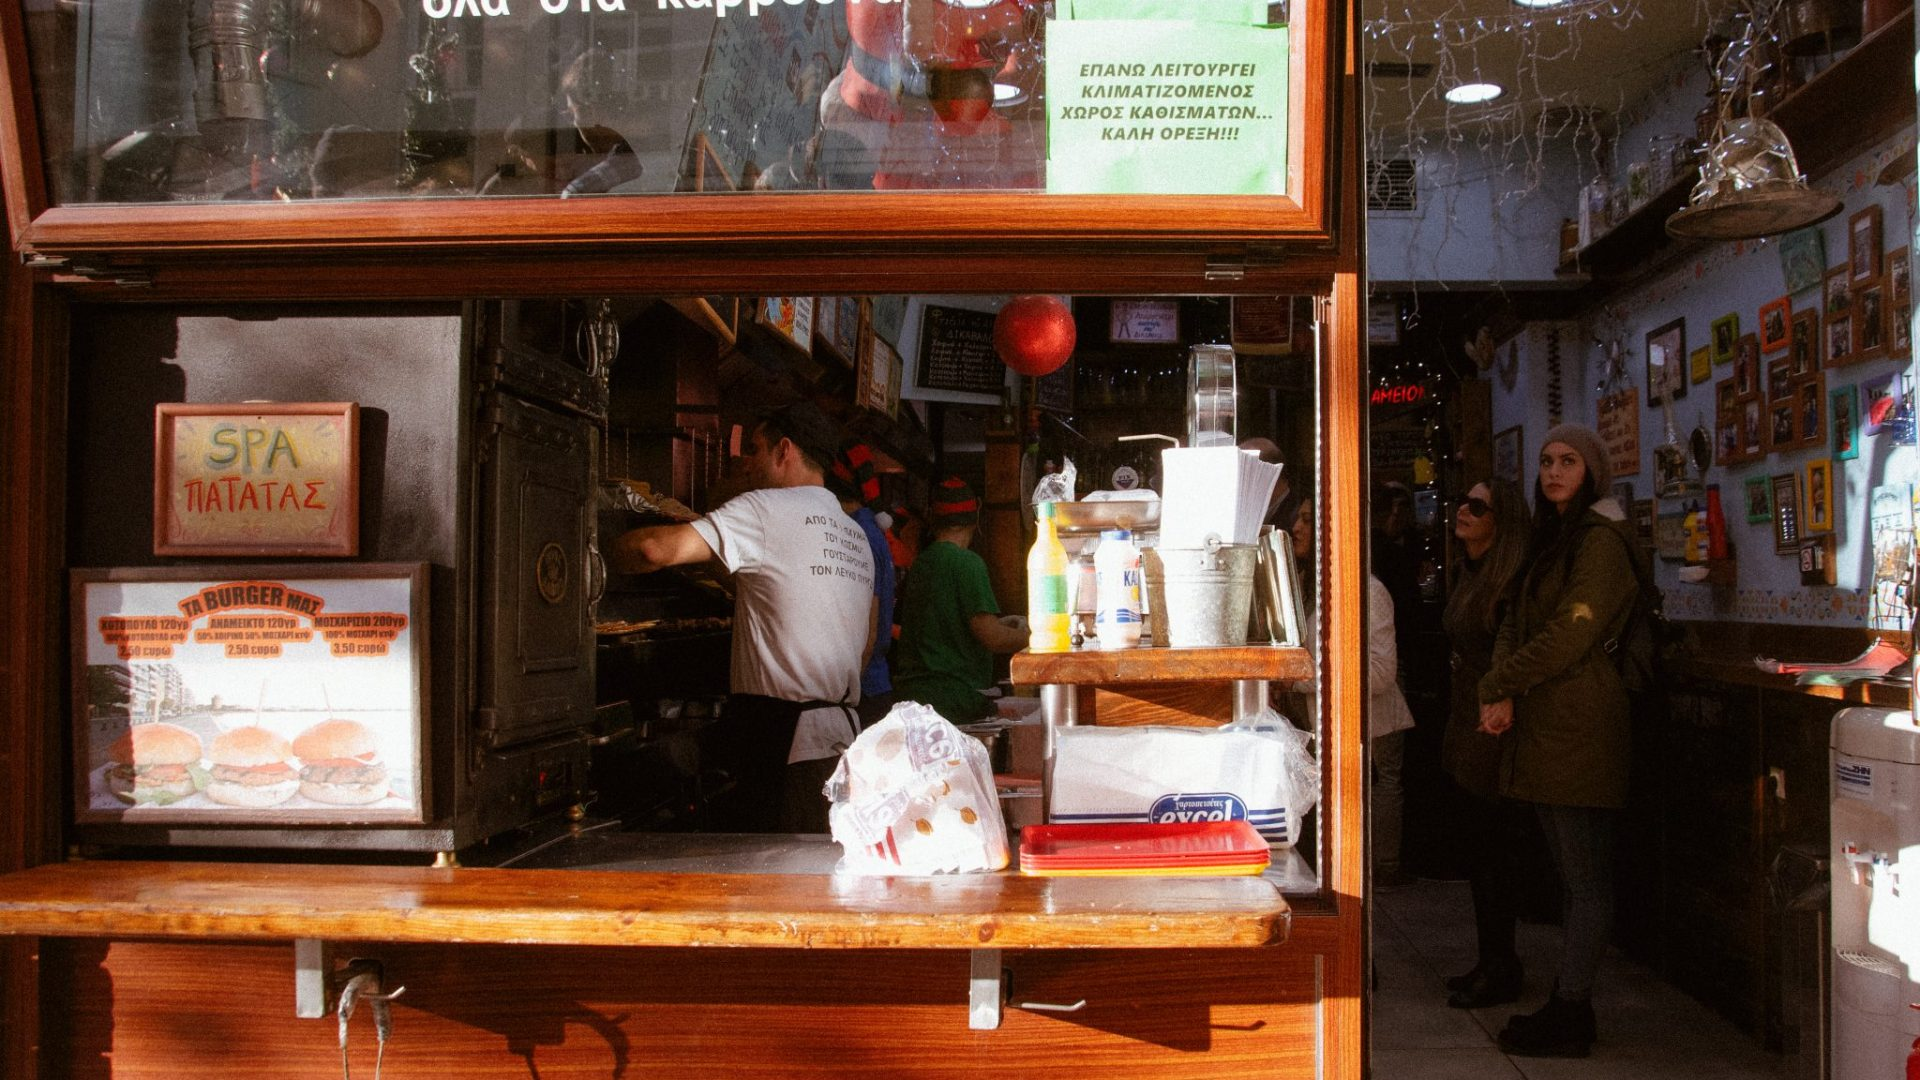 Nterlikatesen street food thessaloniki